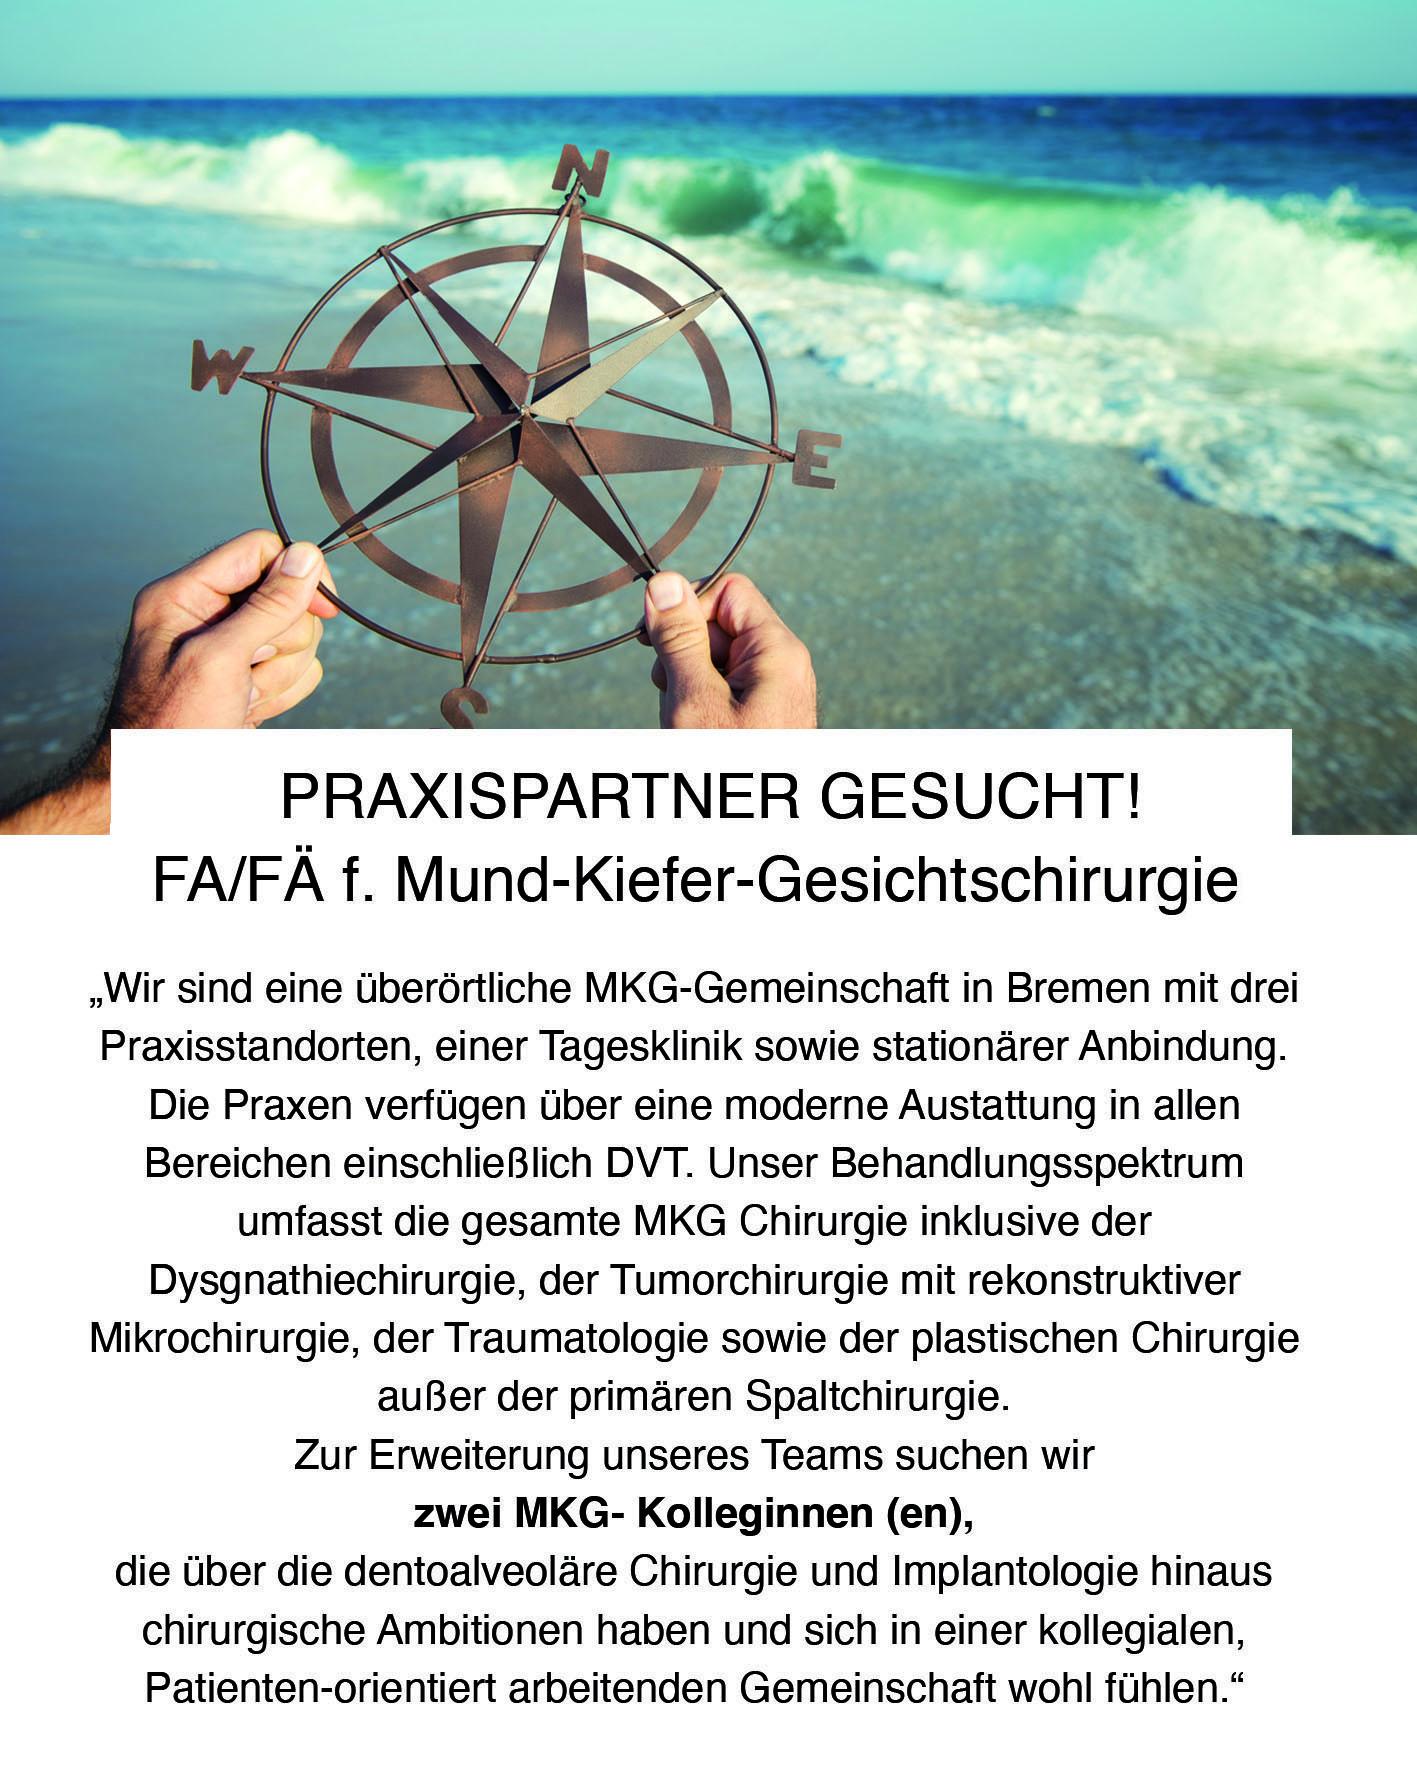 FA/FÄ f. Mund-Kiefer-Gesichtschirurgie Jan. 2021 - Mund. Kiefer. Gesicht. Bremen